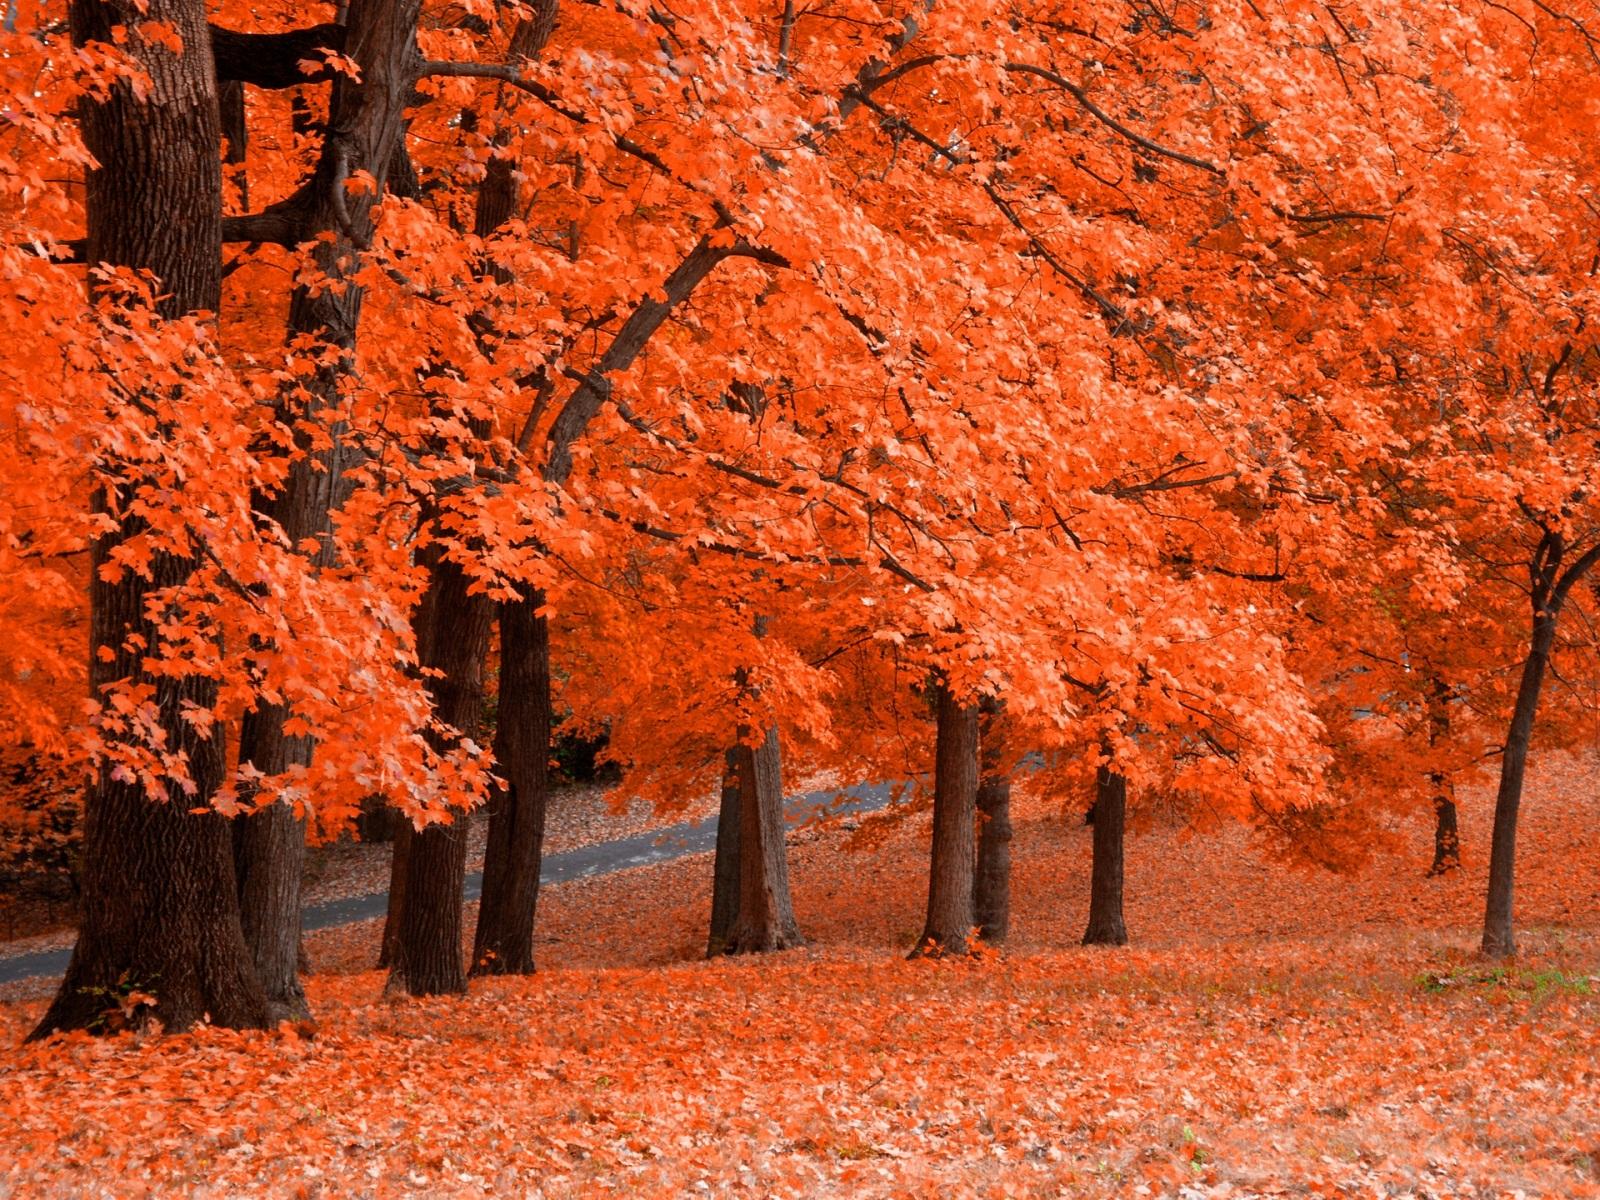 http://1.bp.blogspot.com/-HUlHw2InTaw/TxWUy-SJx4I/AAAAAAAAE8c/ZsdzaDsxyOQ/s1600/Nature+Wallpaper+0001.jpg